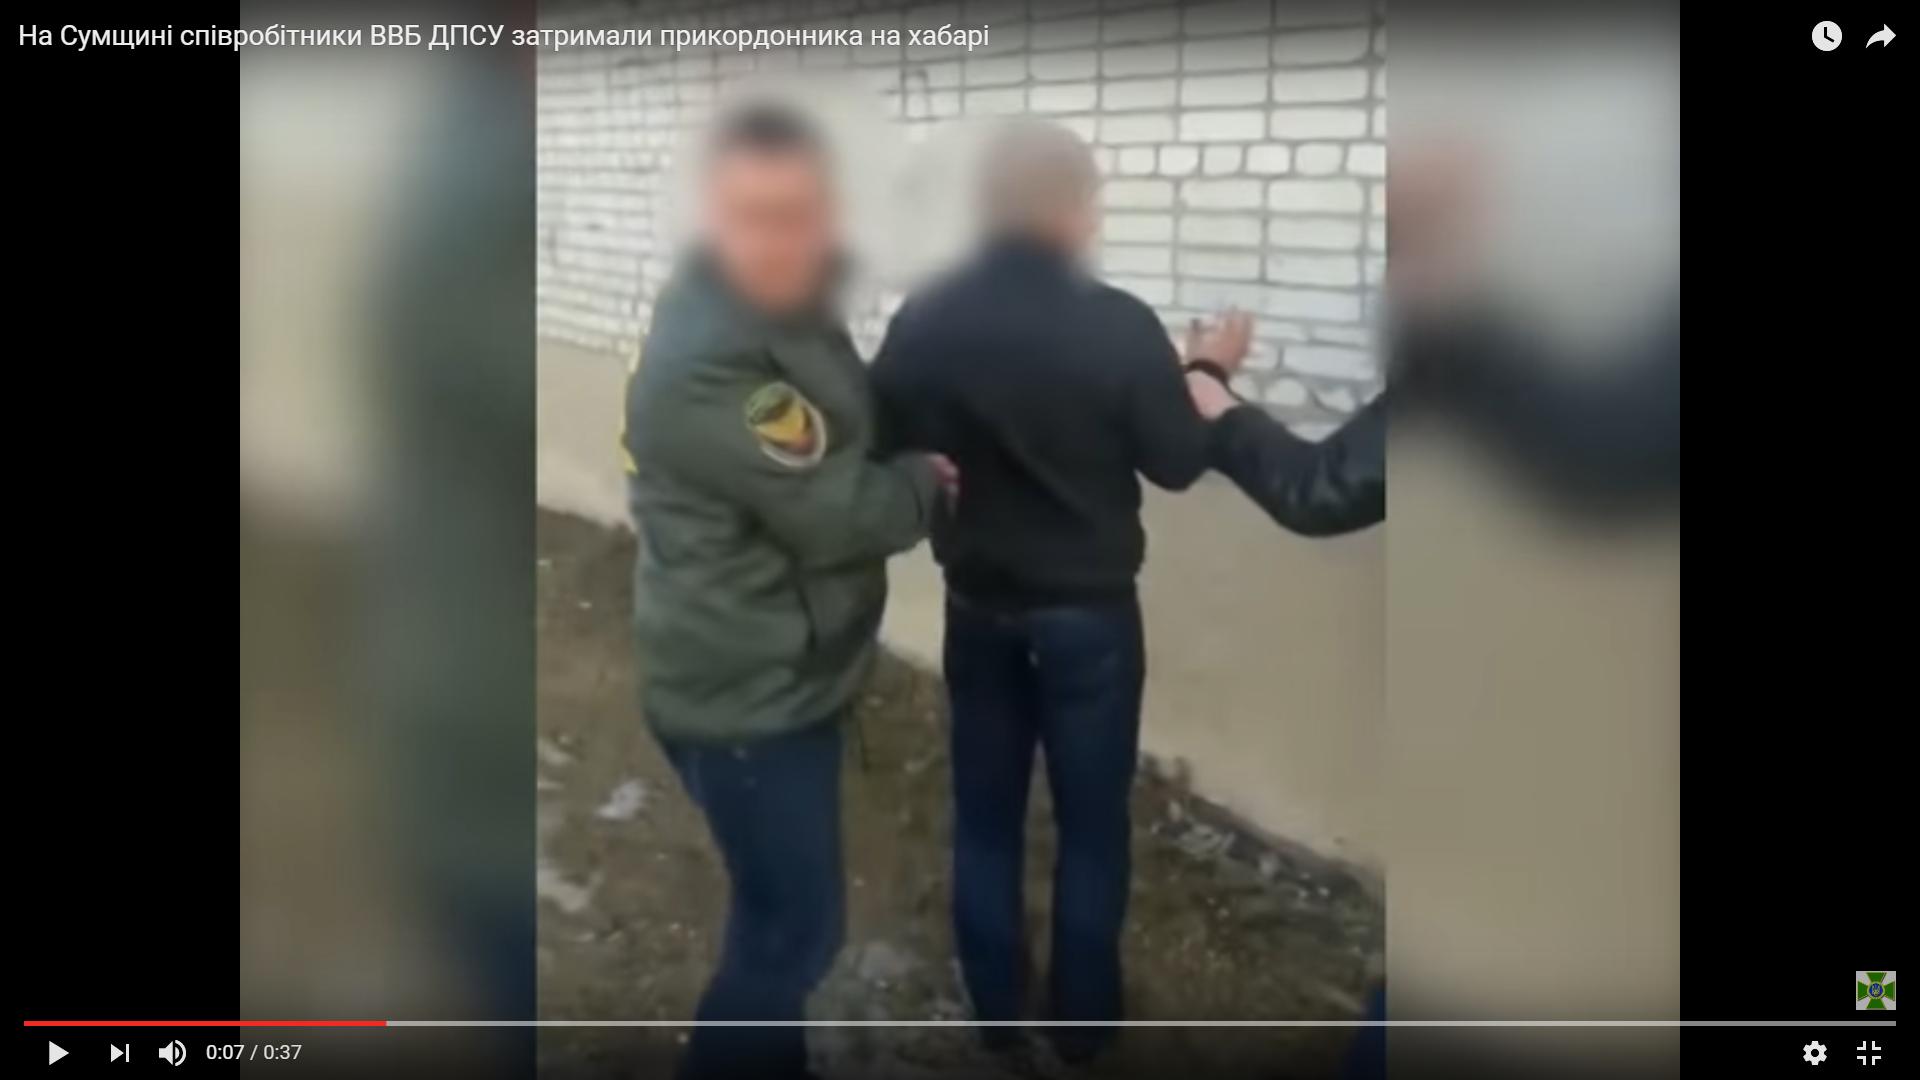 Далеко не убежал: на значительной взятке задержали инспектора пограничной службы (ВИДЕО)